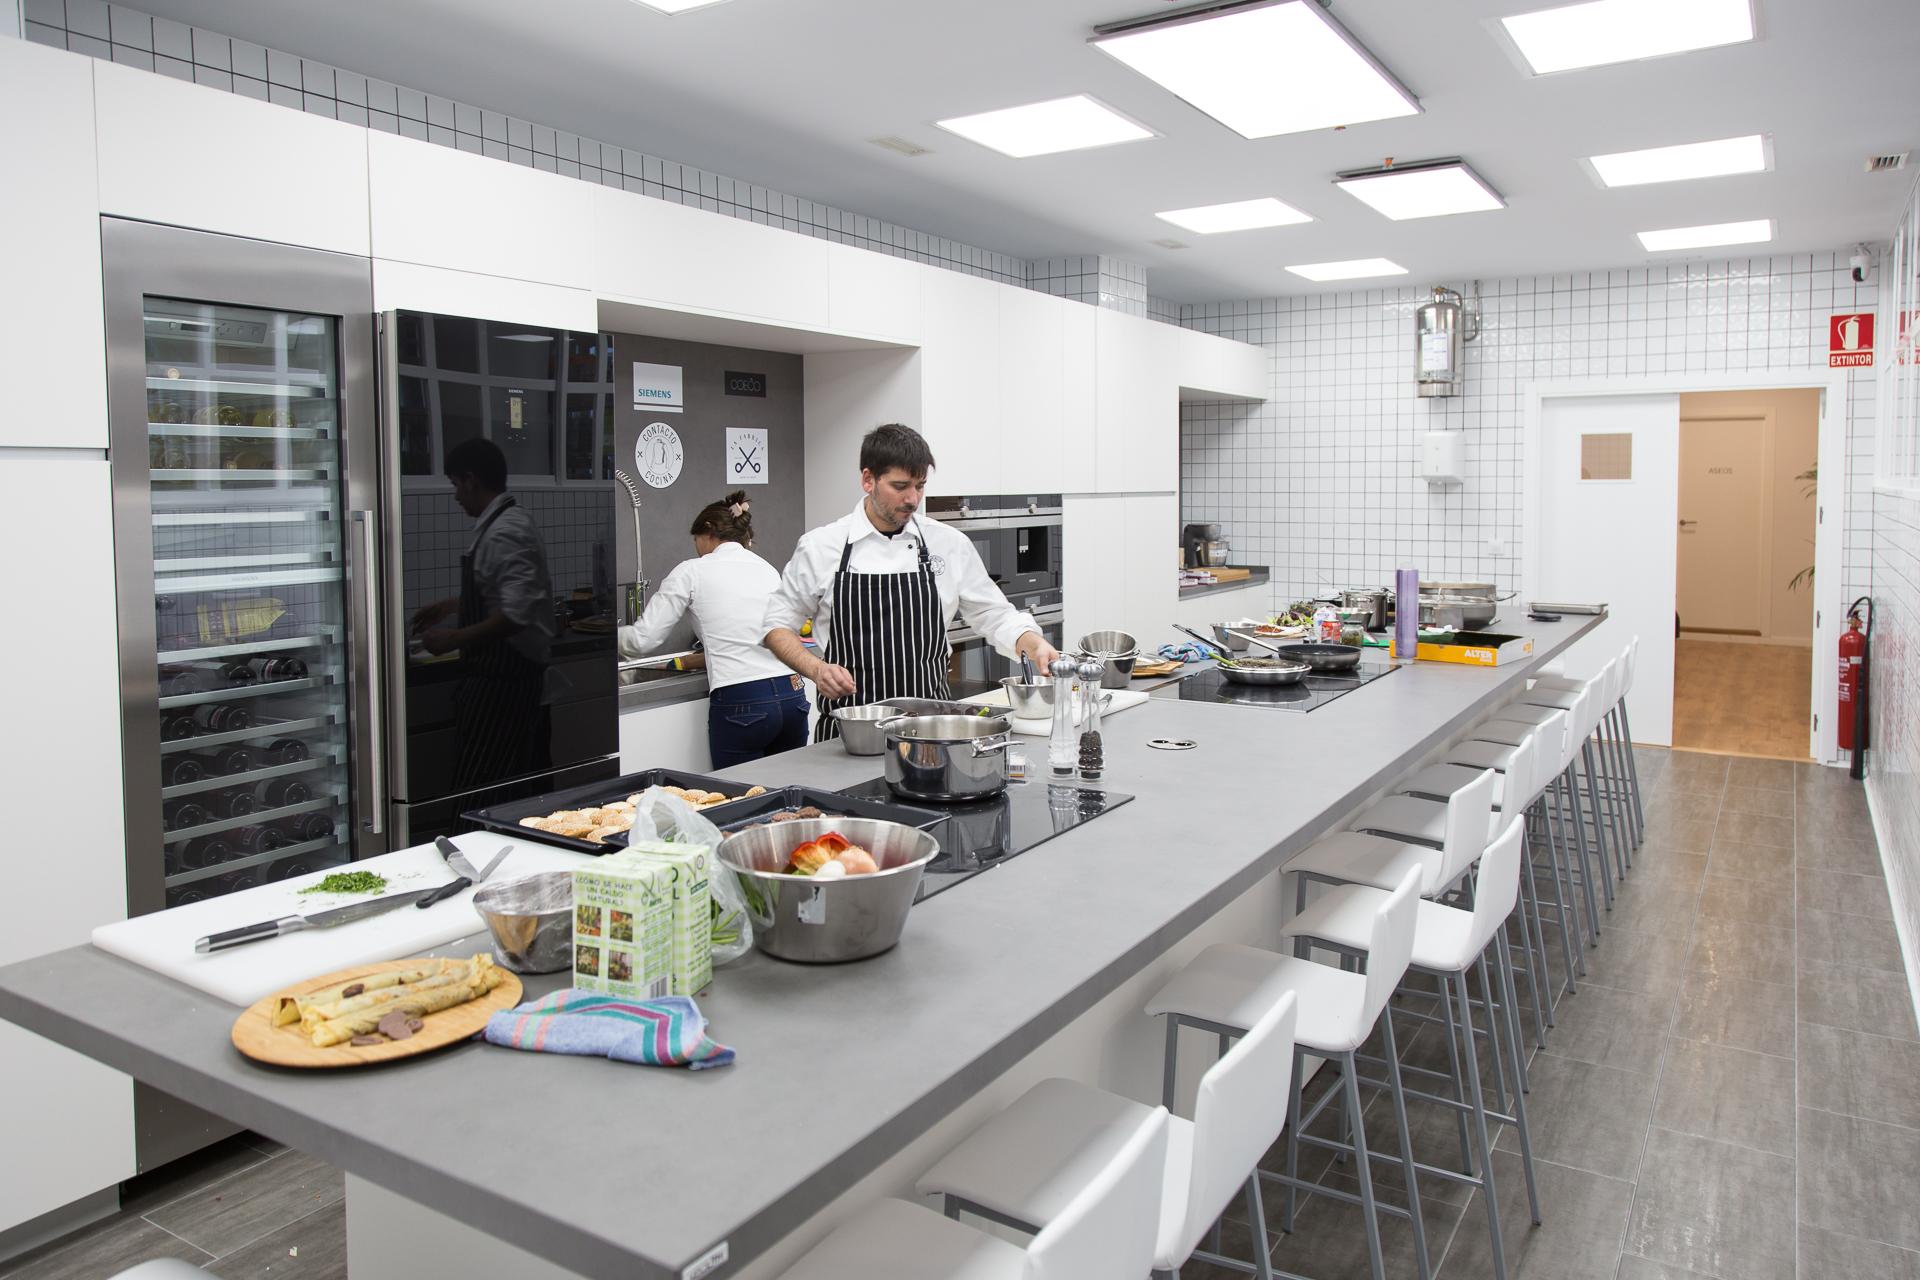 Escuela de cocina contacto cocina for Utillaje cocina